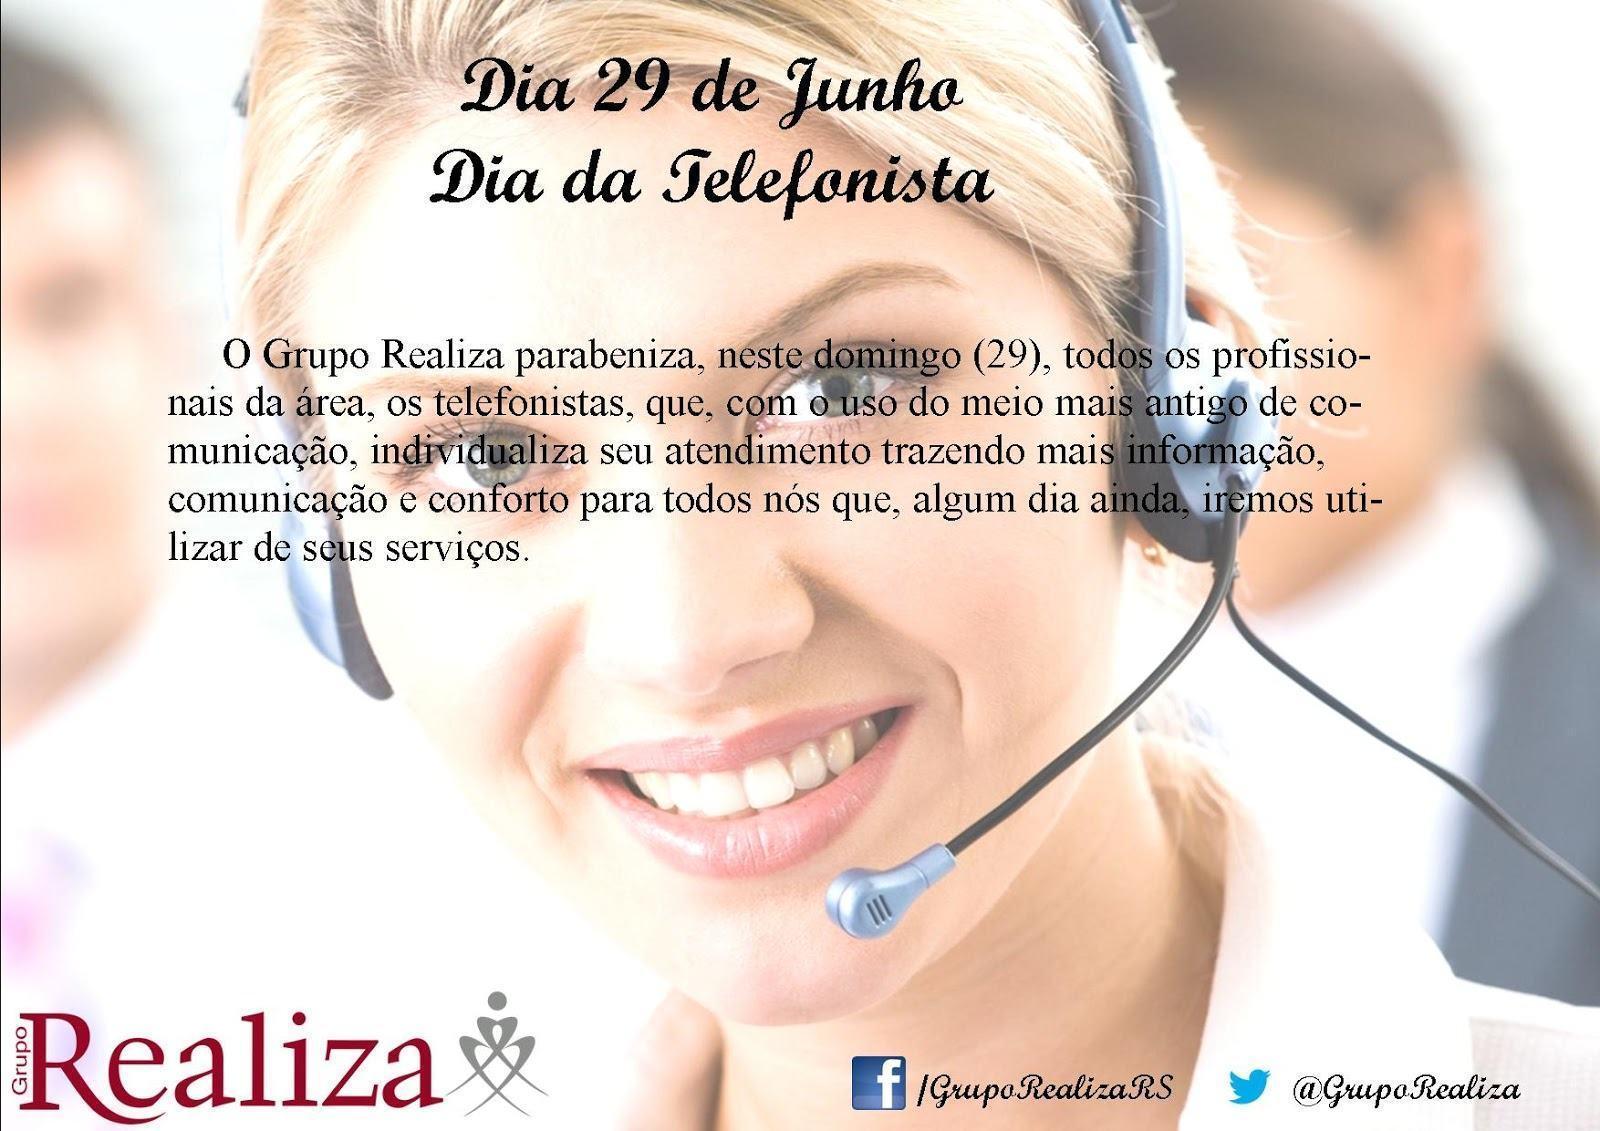 frases para o dia da telefonista 29 de junho 2 - Frases para Dia da Telefonista valorize a profissional data 29 de junho